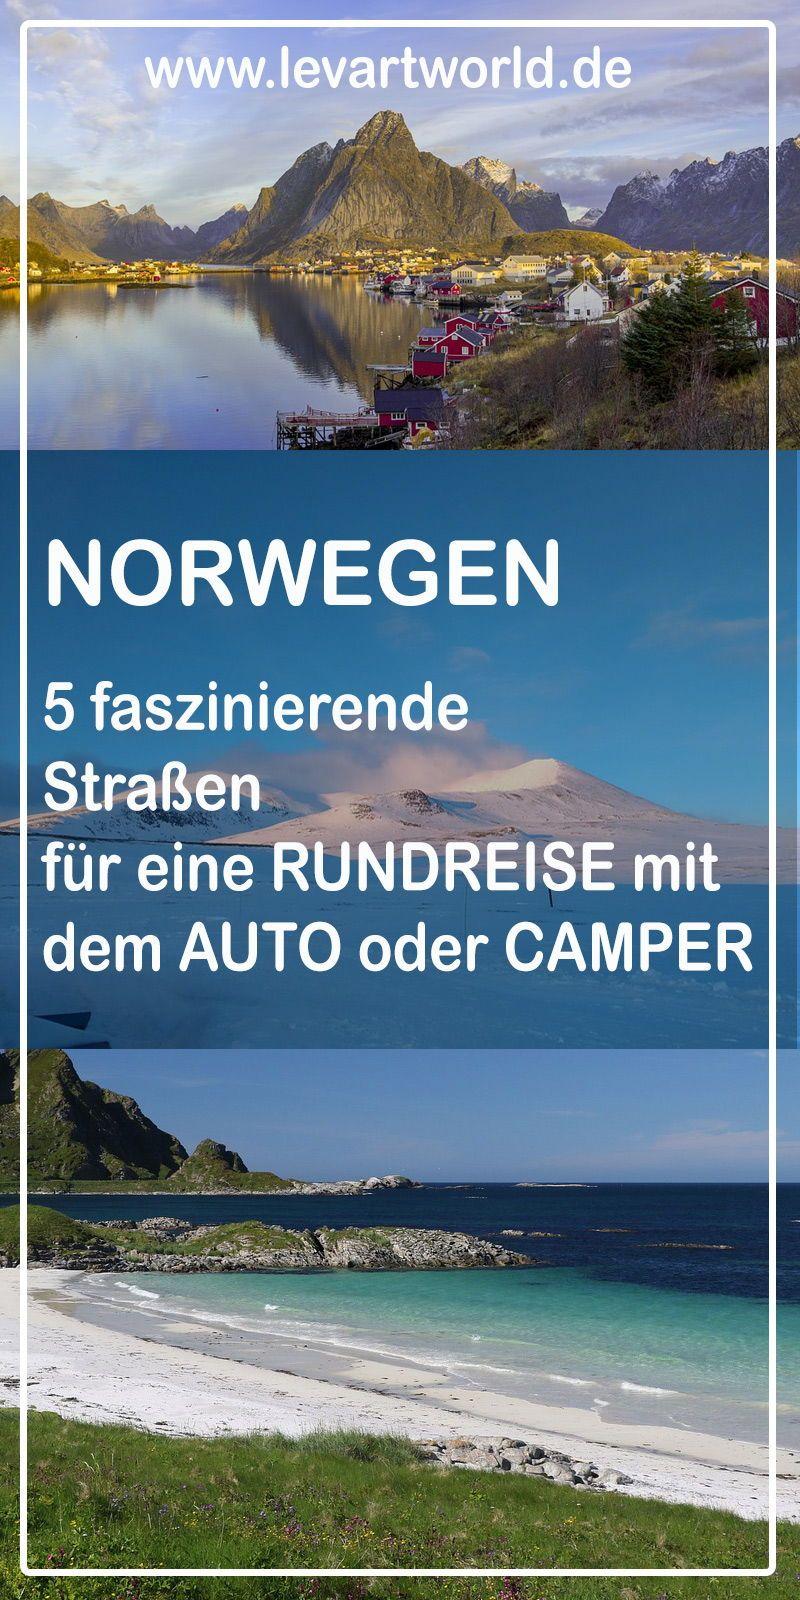 Photo of Norwegen mit dem Auto – 5 faszinierende Straßen für eine Auto-Rundreise